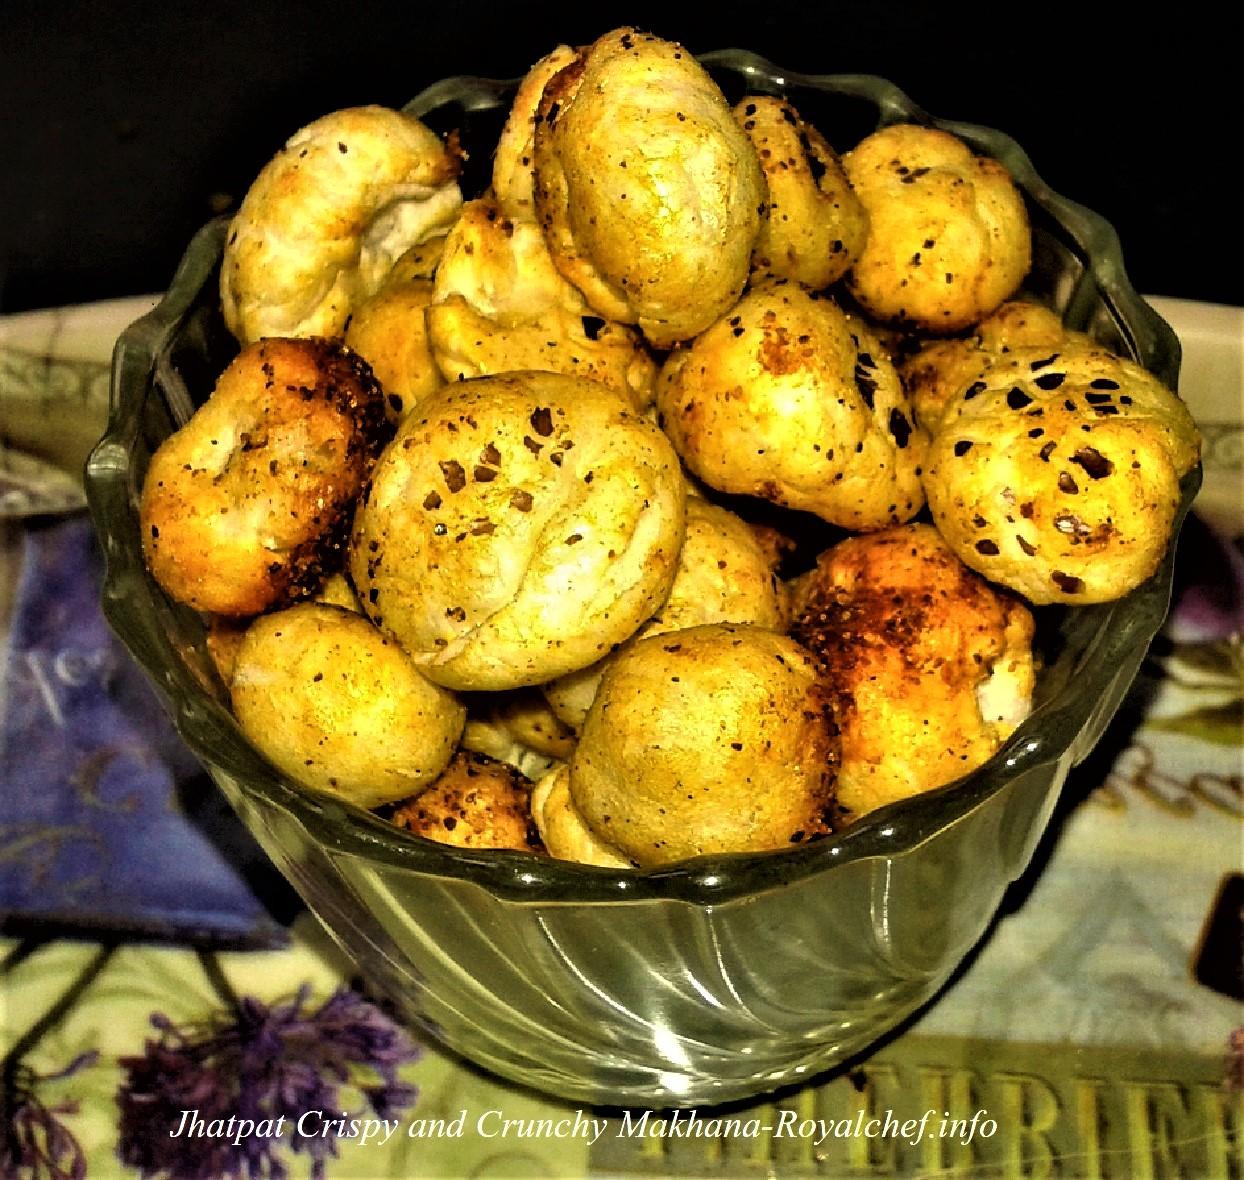 Crispy and Crunchy Makhana